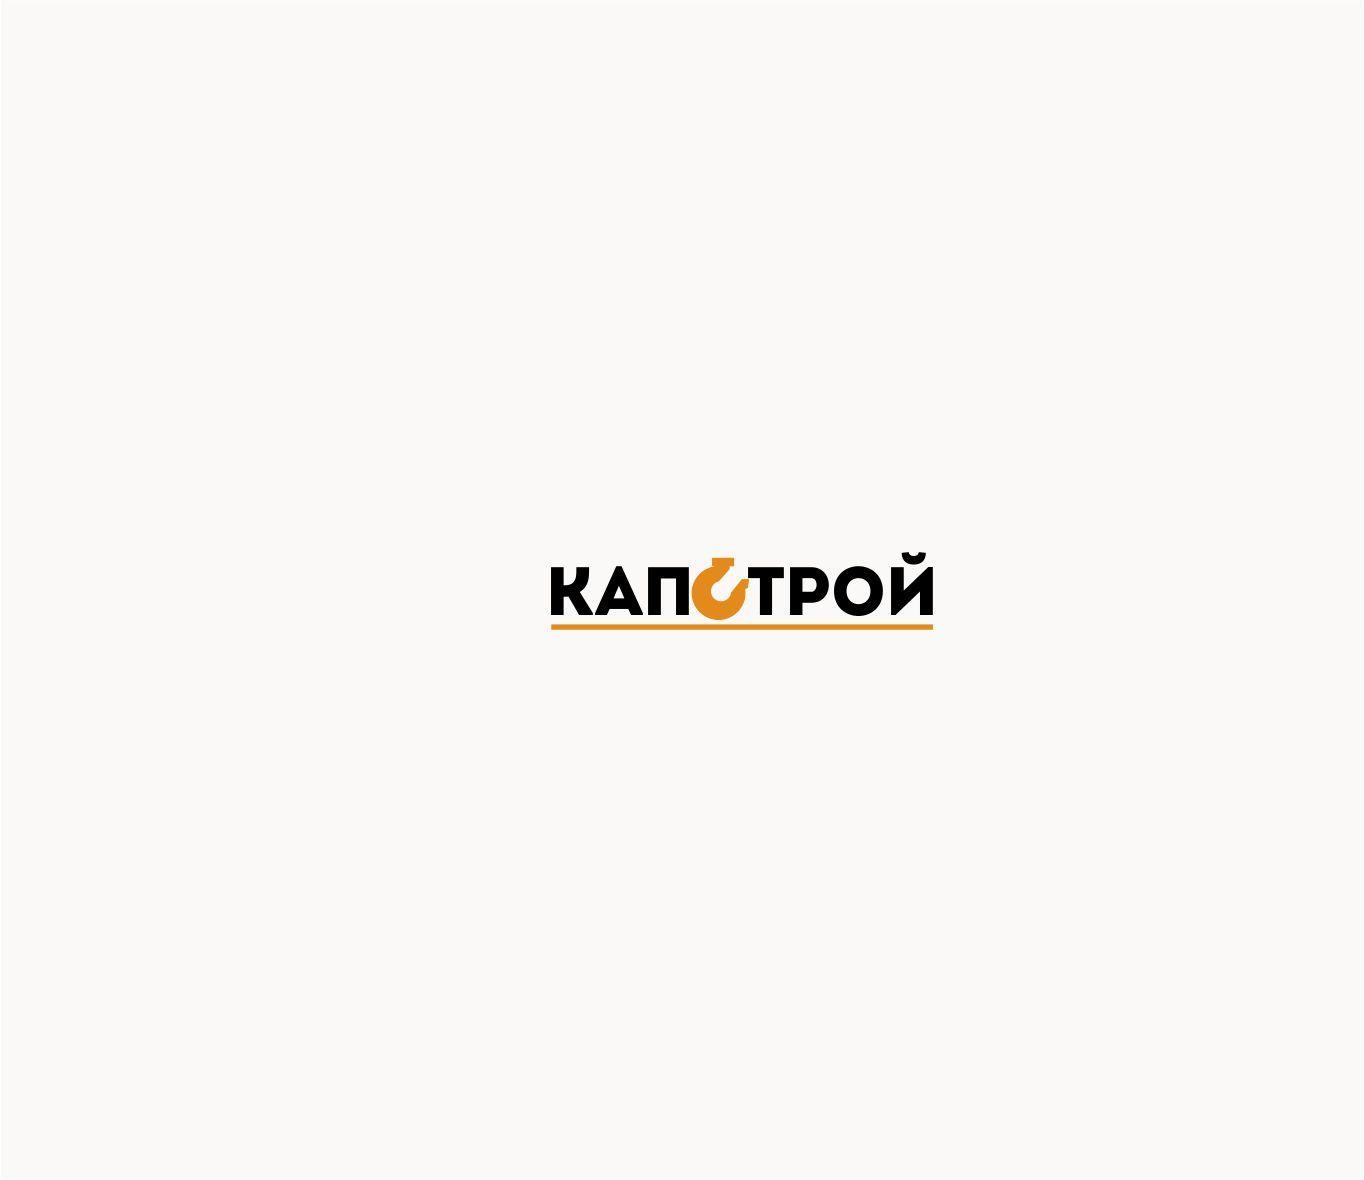 Лого и фирменный стиль для Капстрой  - дизайнер dbyjuhfl